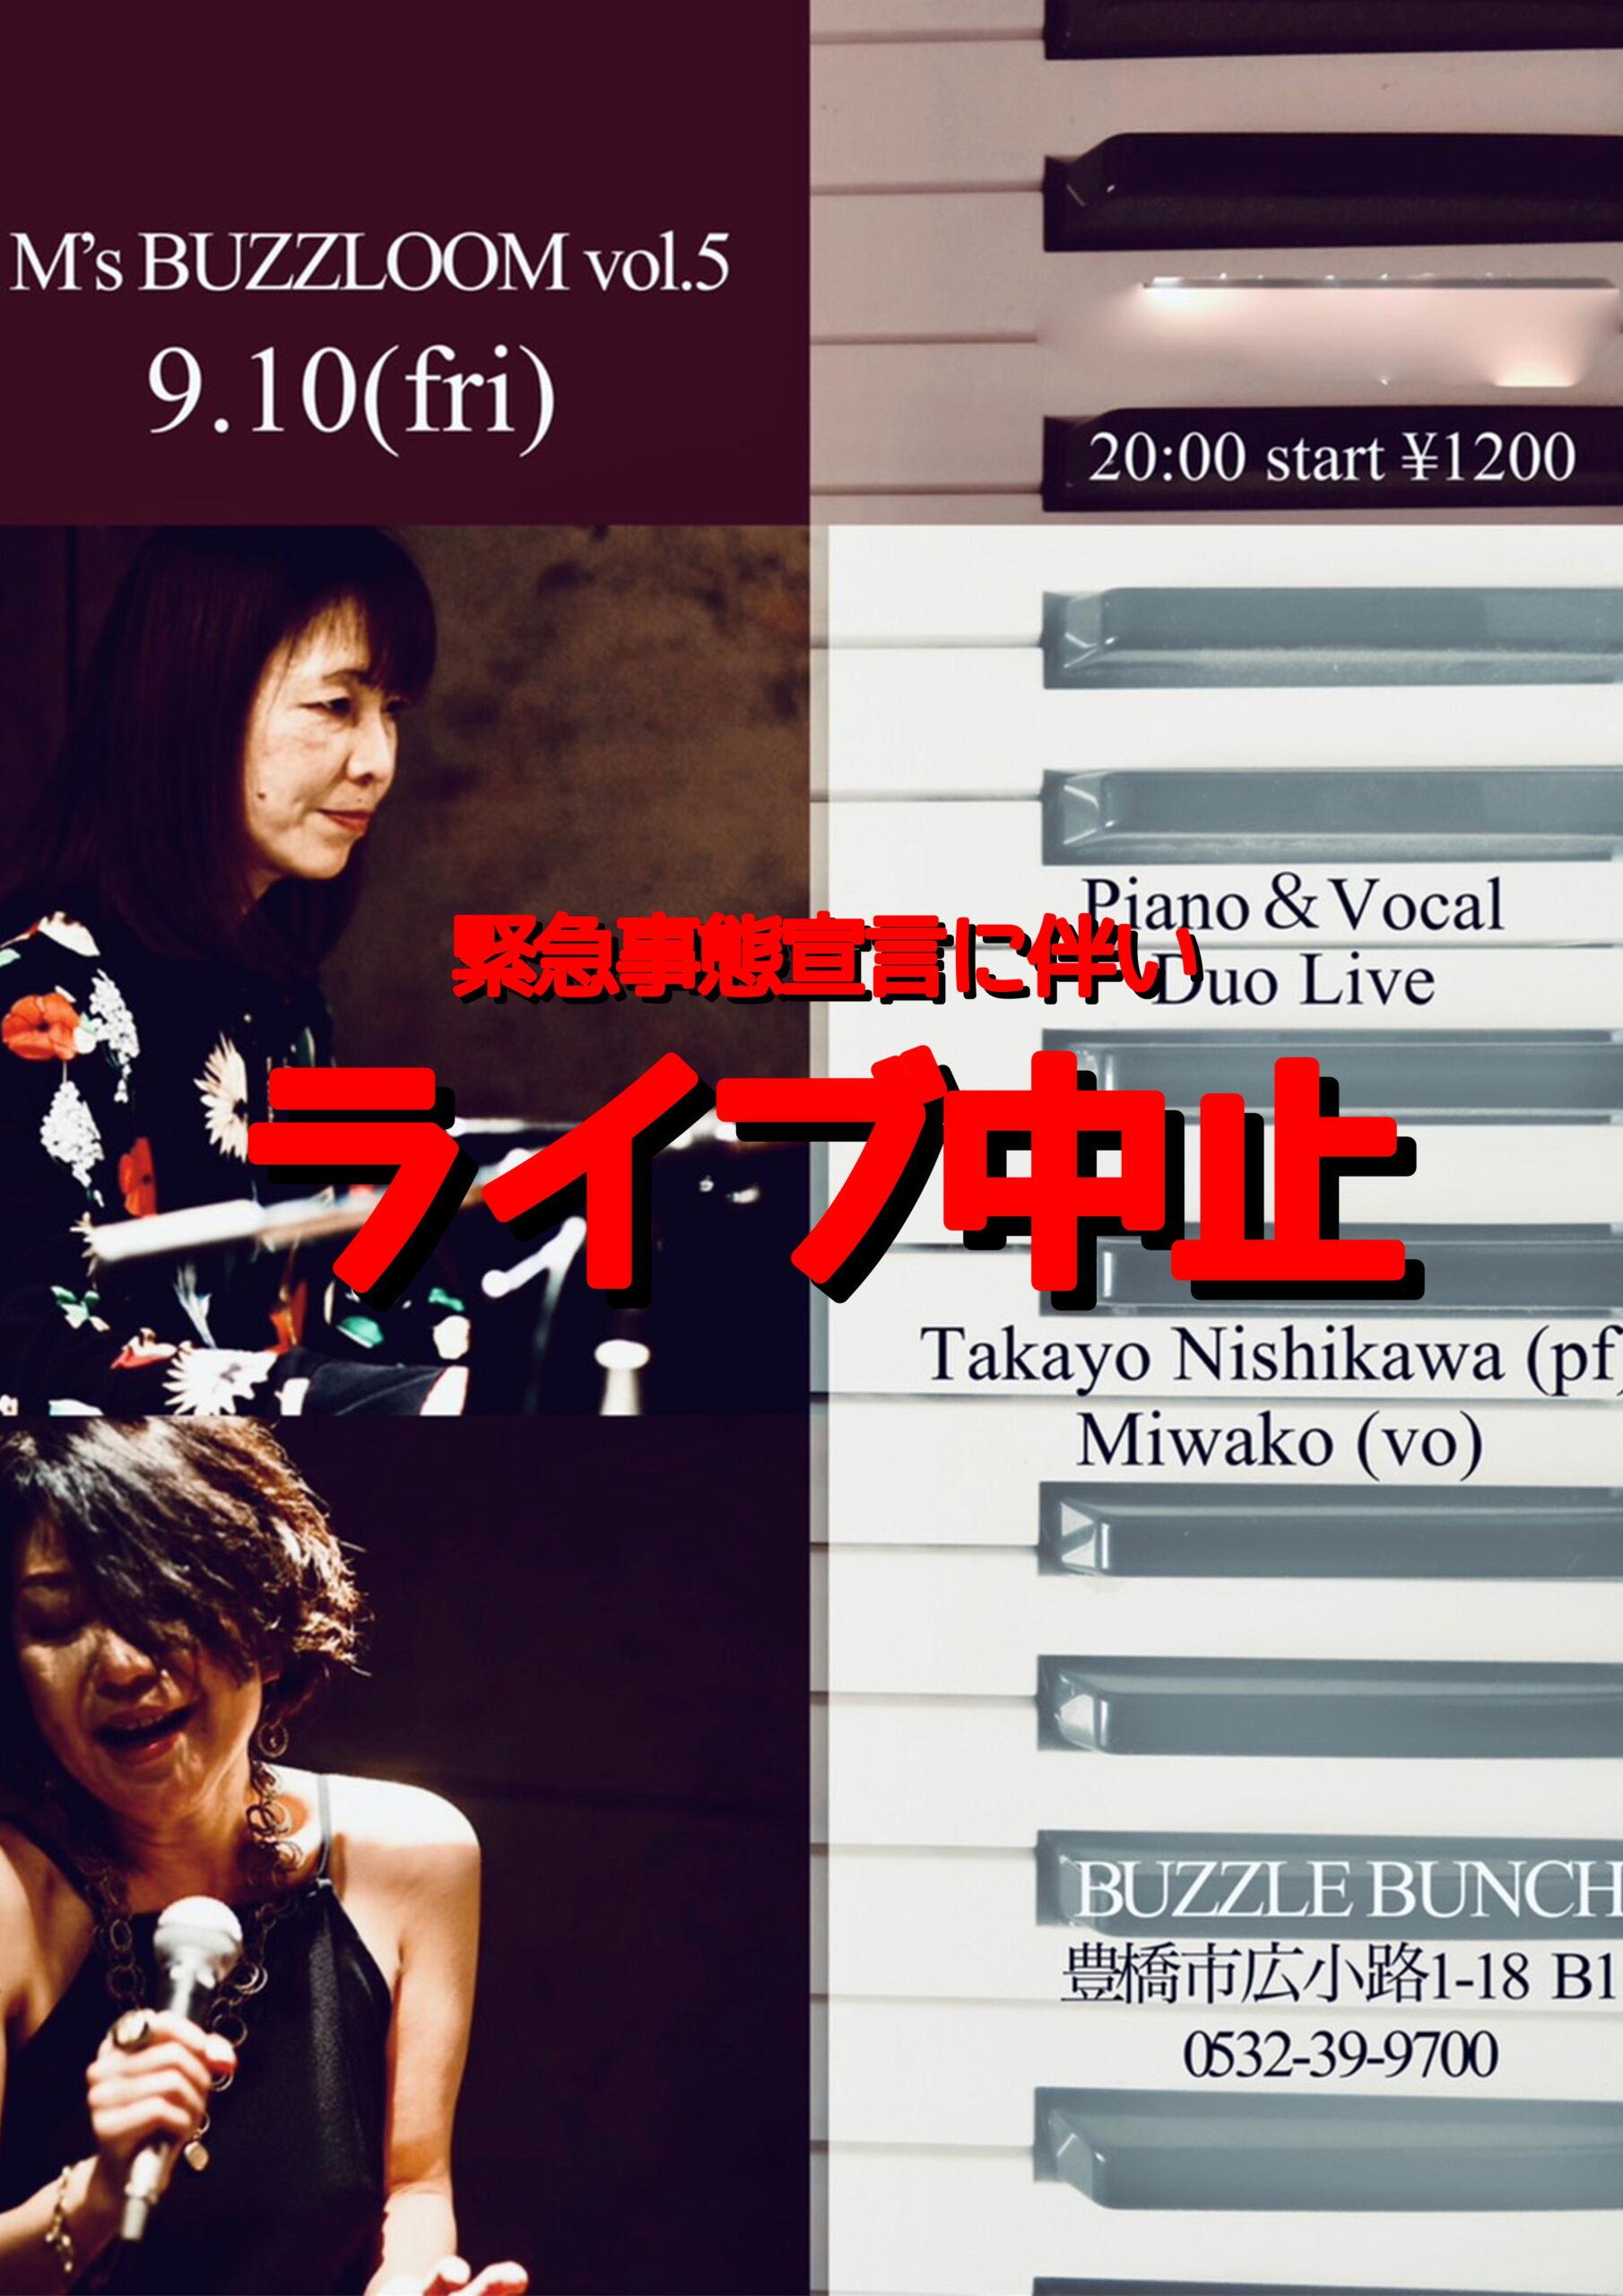 2021年9月10日(金) M's BUZZLOOM Vol.5 ライブ中止のお知らせ